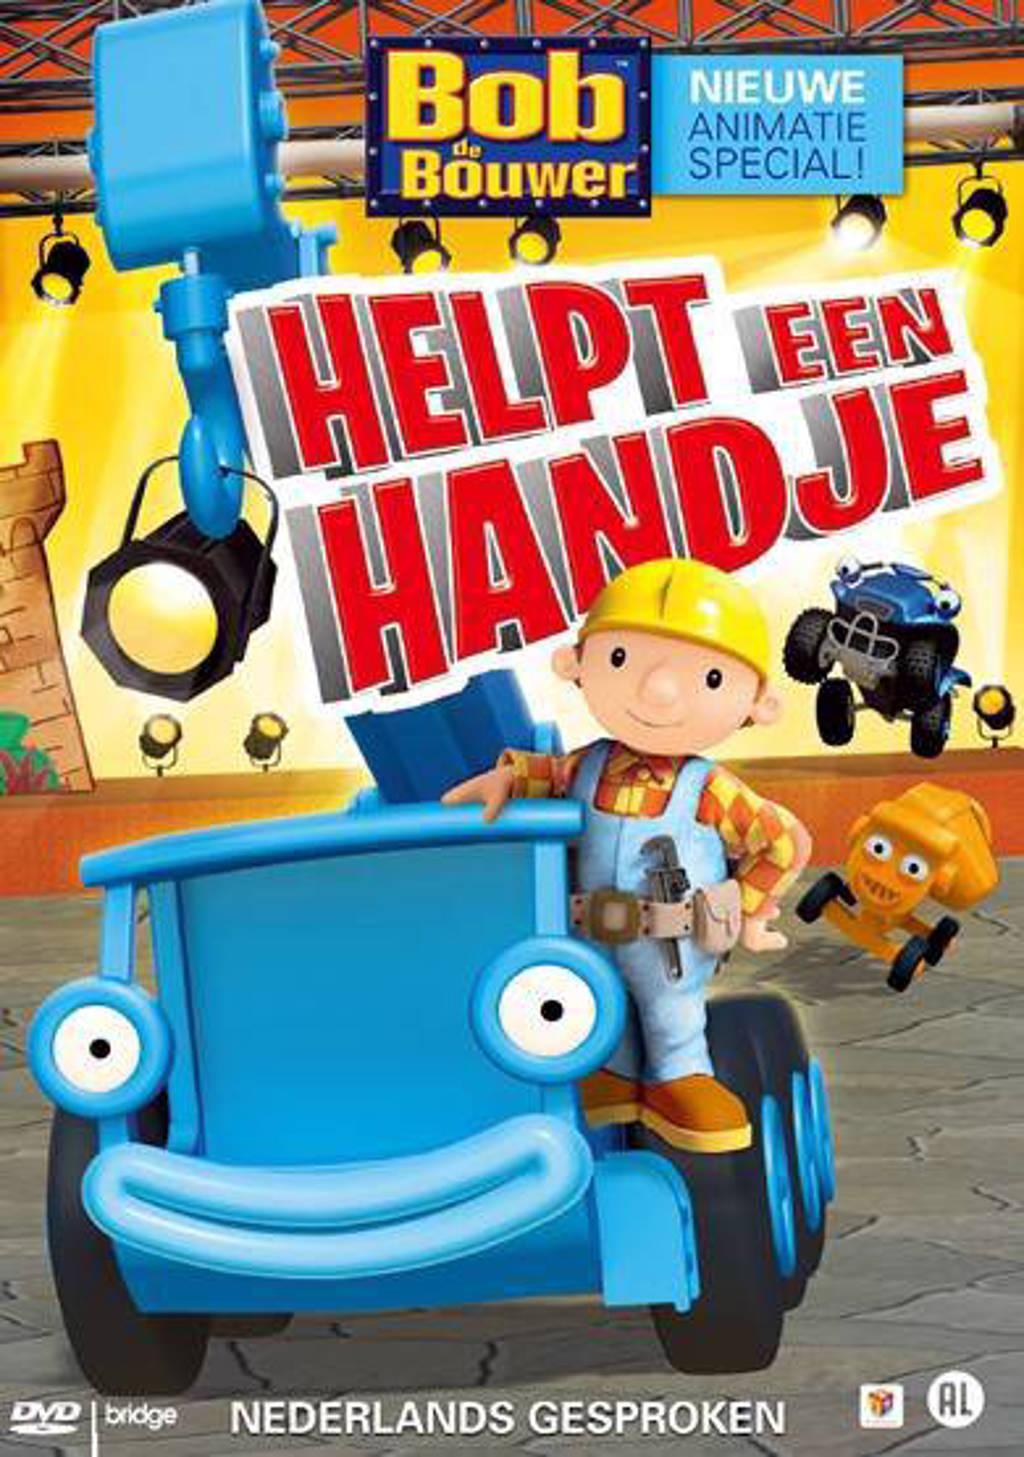 Bob de Bouwer - Helpt een handje (DVD)